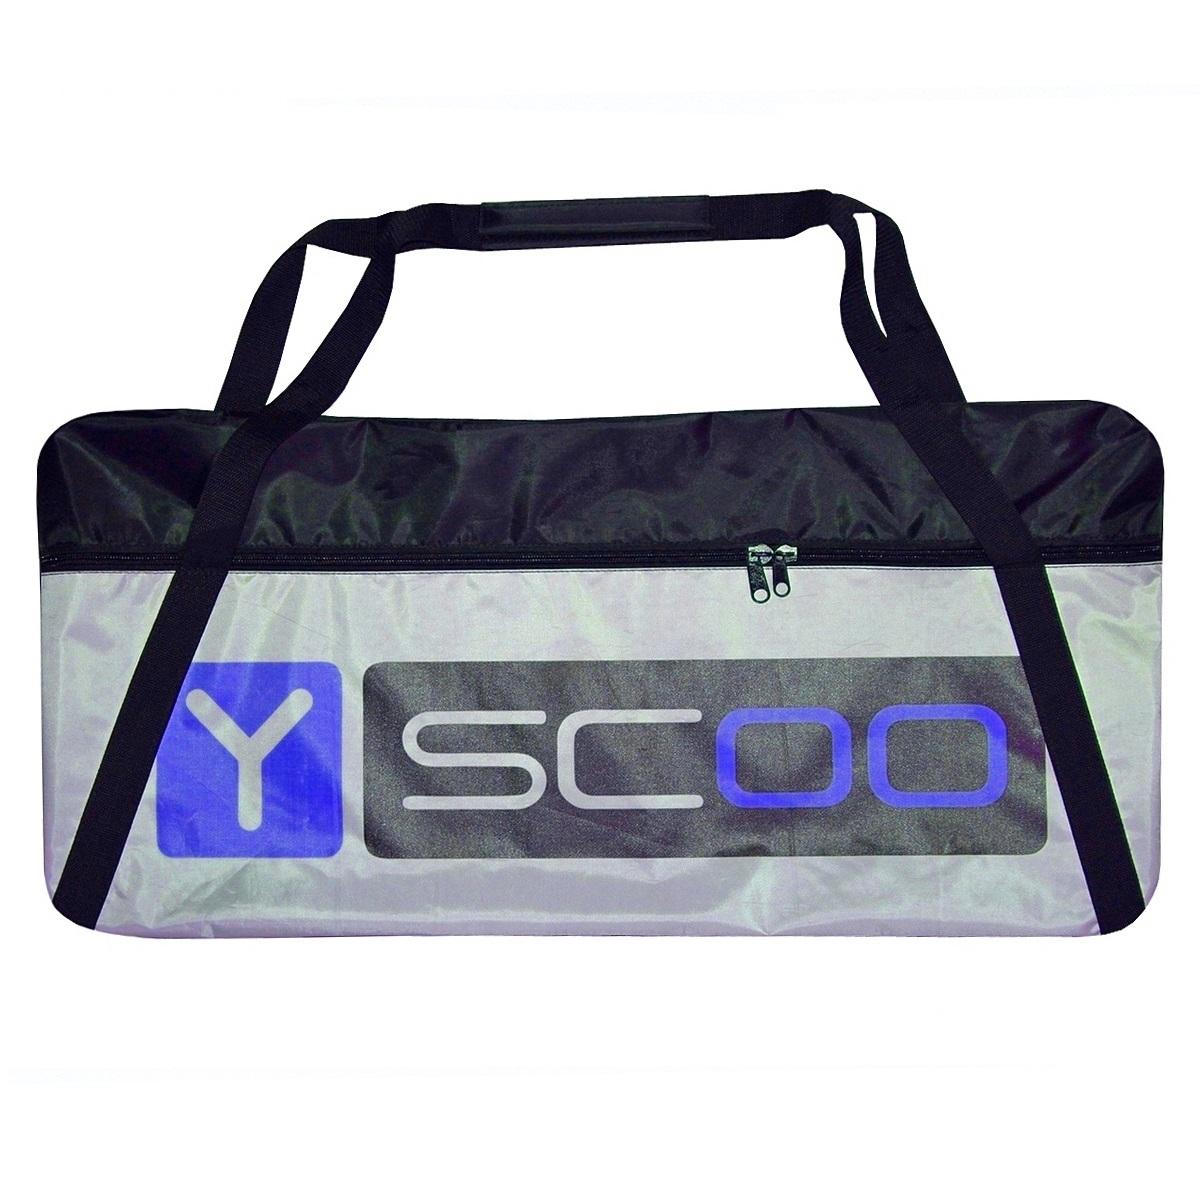 Сумка-чехол для самоката Y-Scoo 230, цвет синий